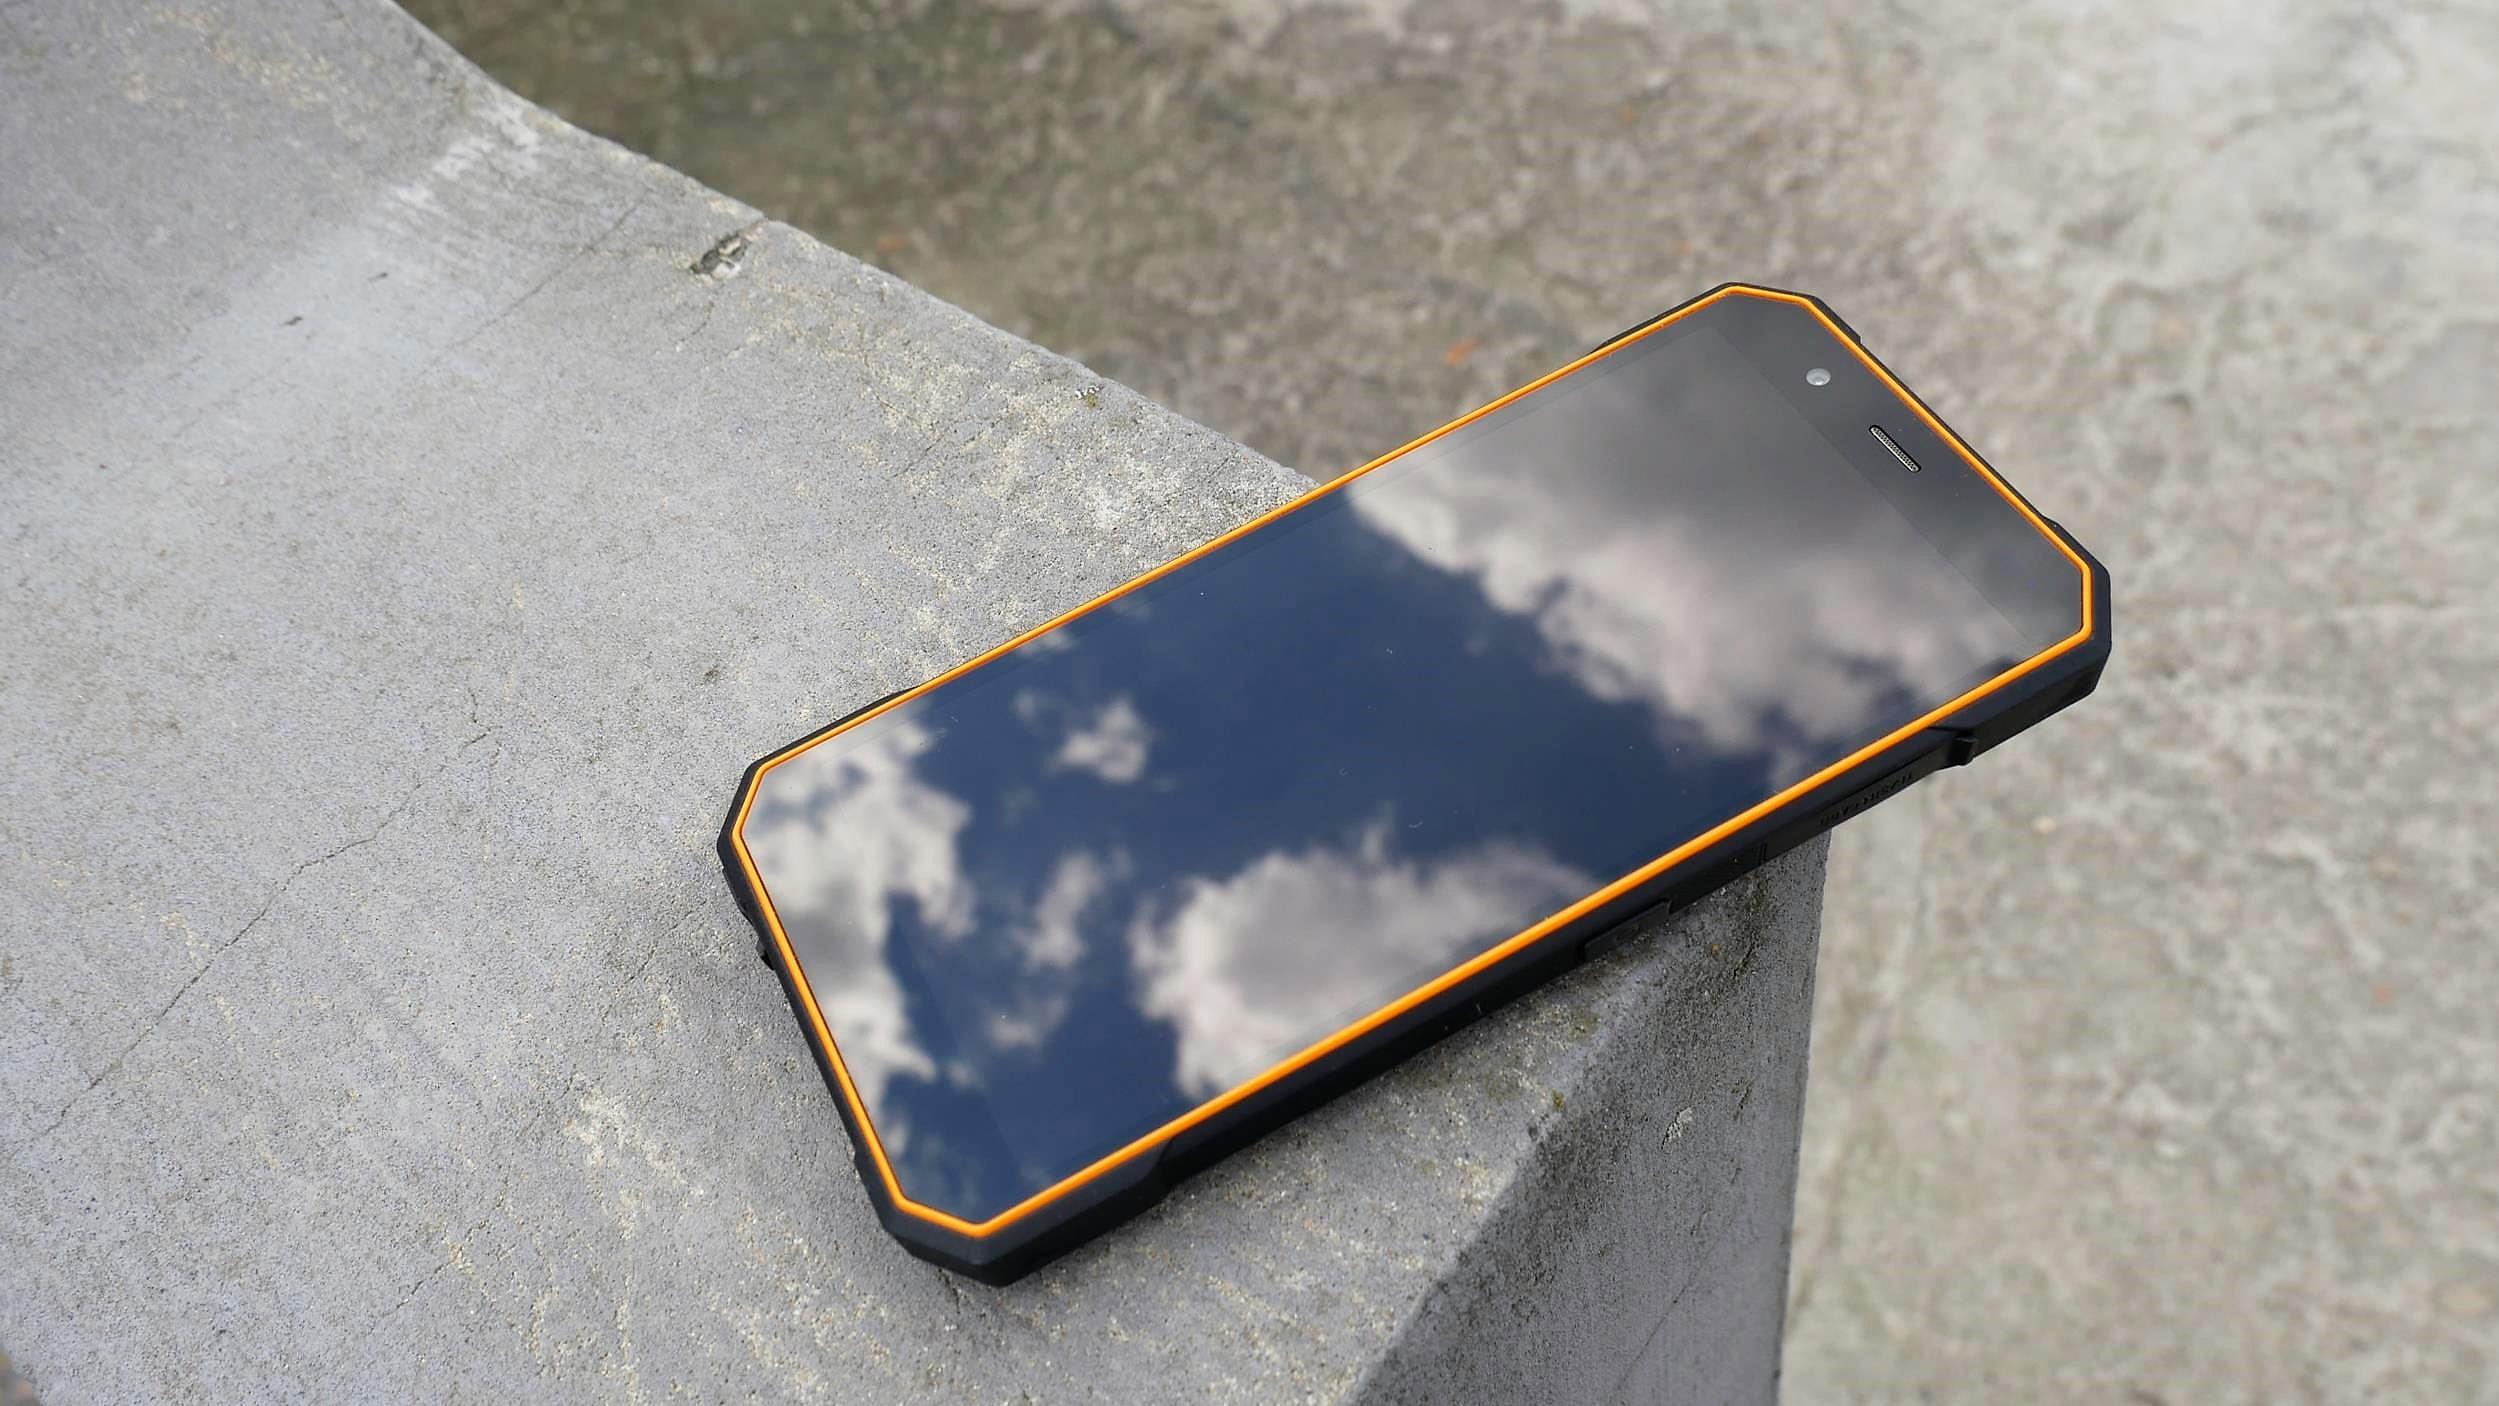 Tabletowo.pl Recenzja Hammer Energy 18x9 - wytrzymałego smartfona idącego z duchem czasu Android myPhone Recenzje Smartfony